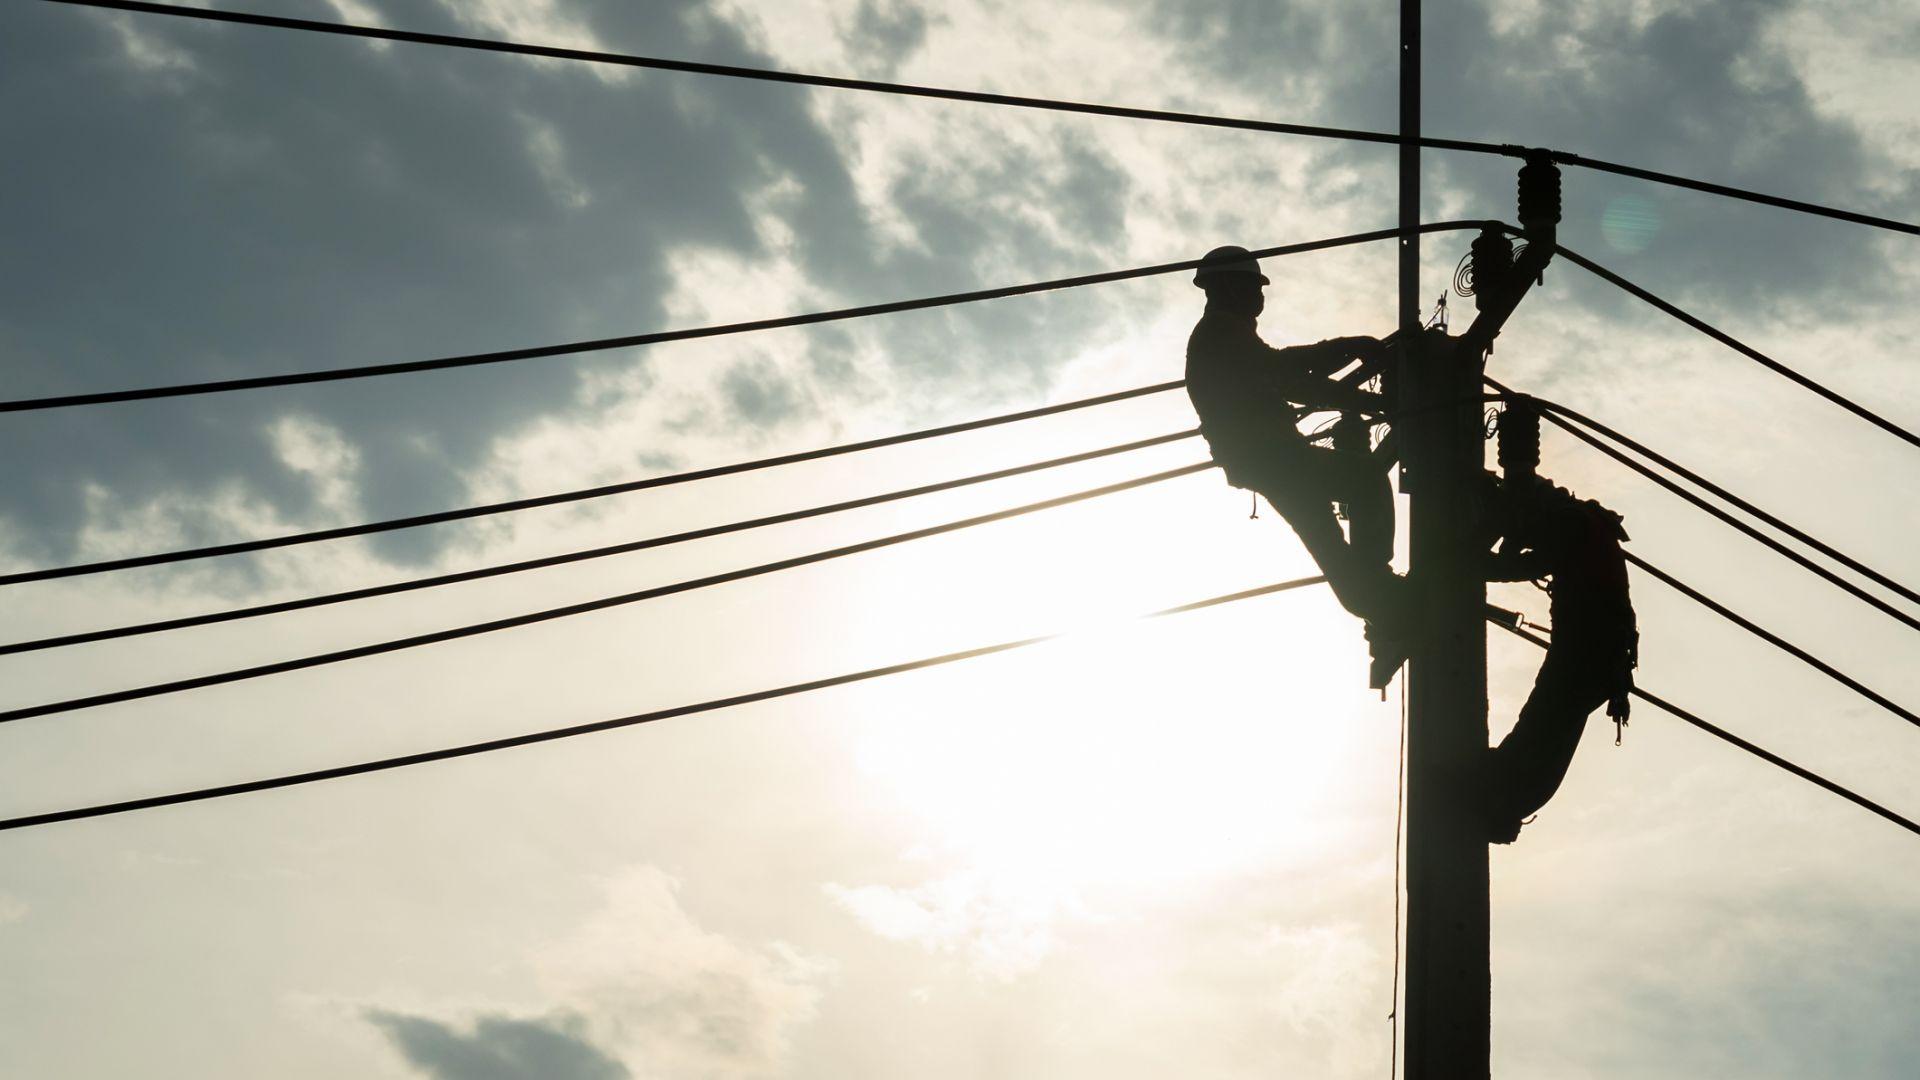 18.9% ръст на цената на електроеенергията през декември